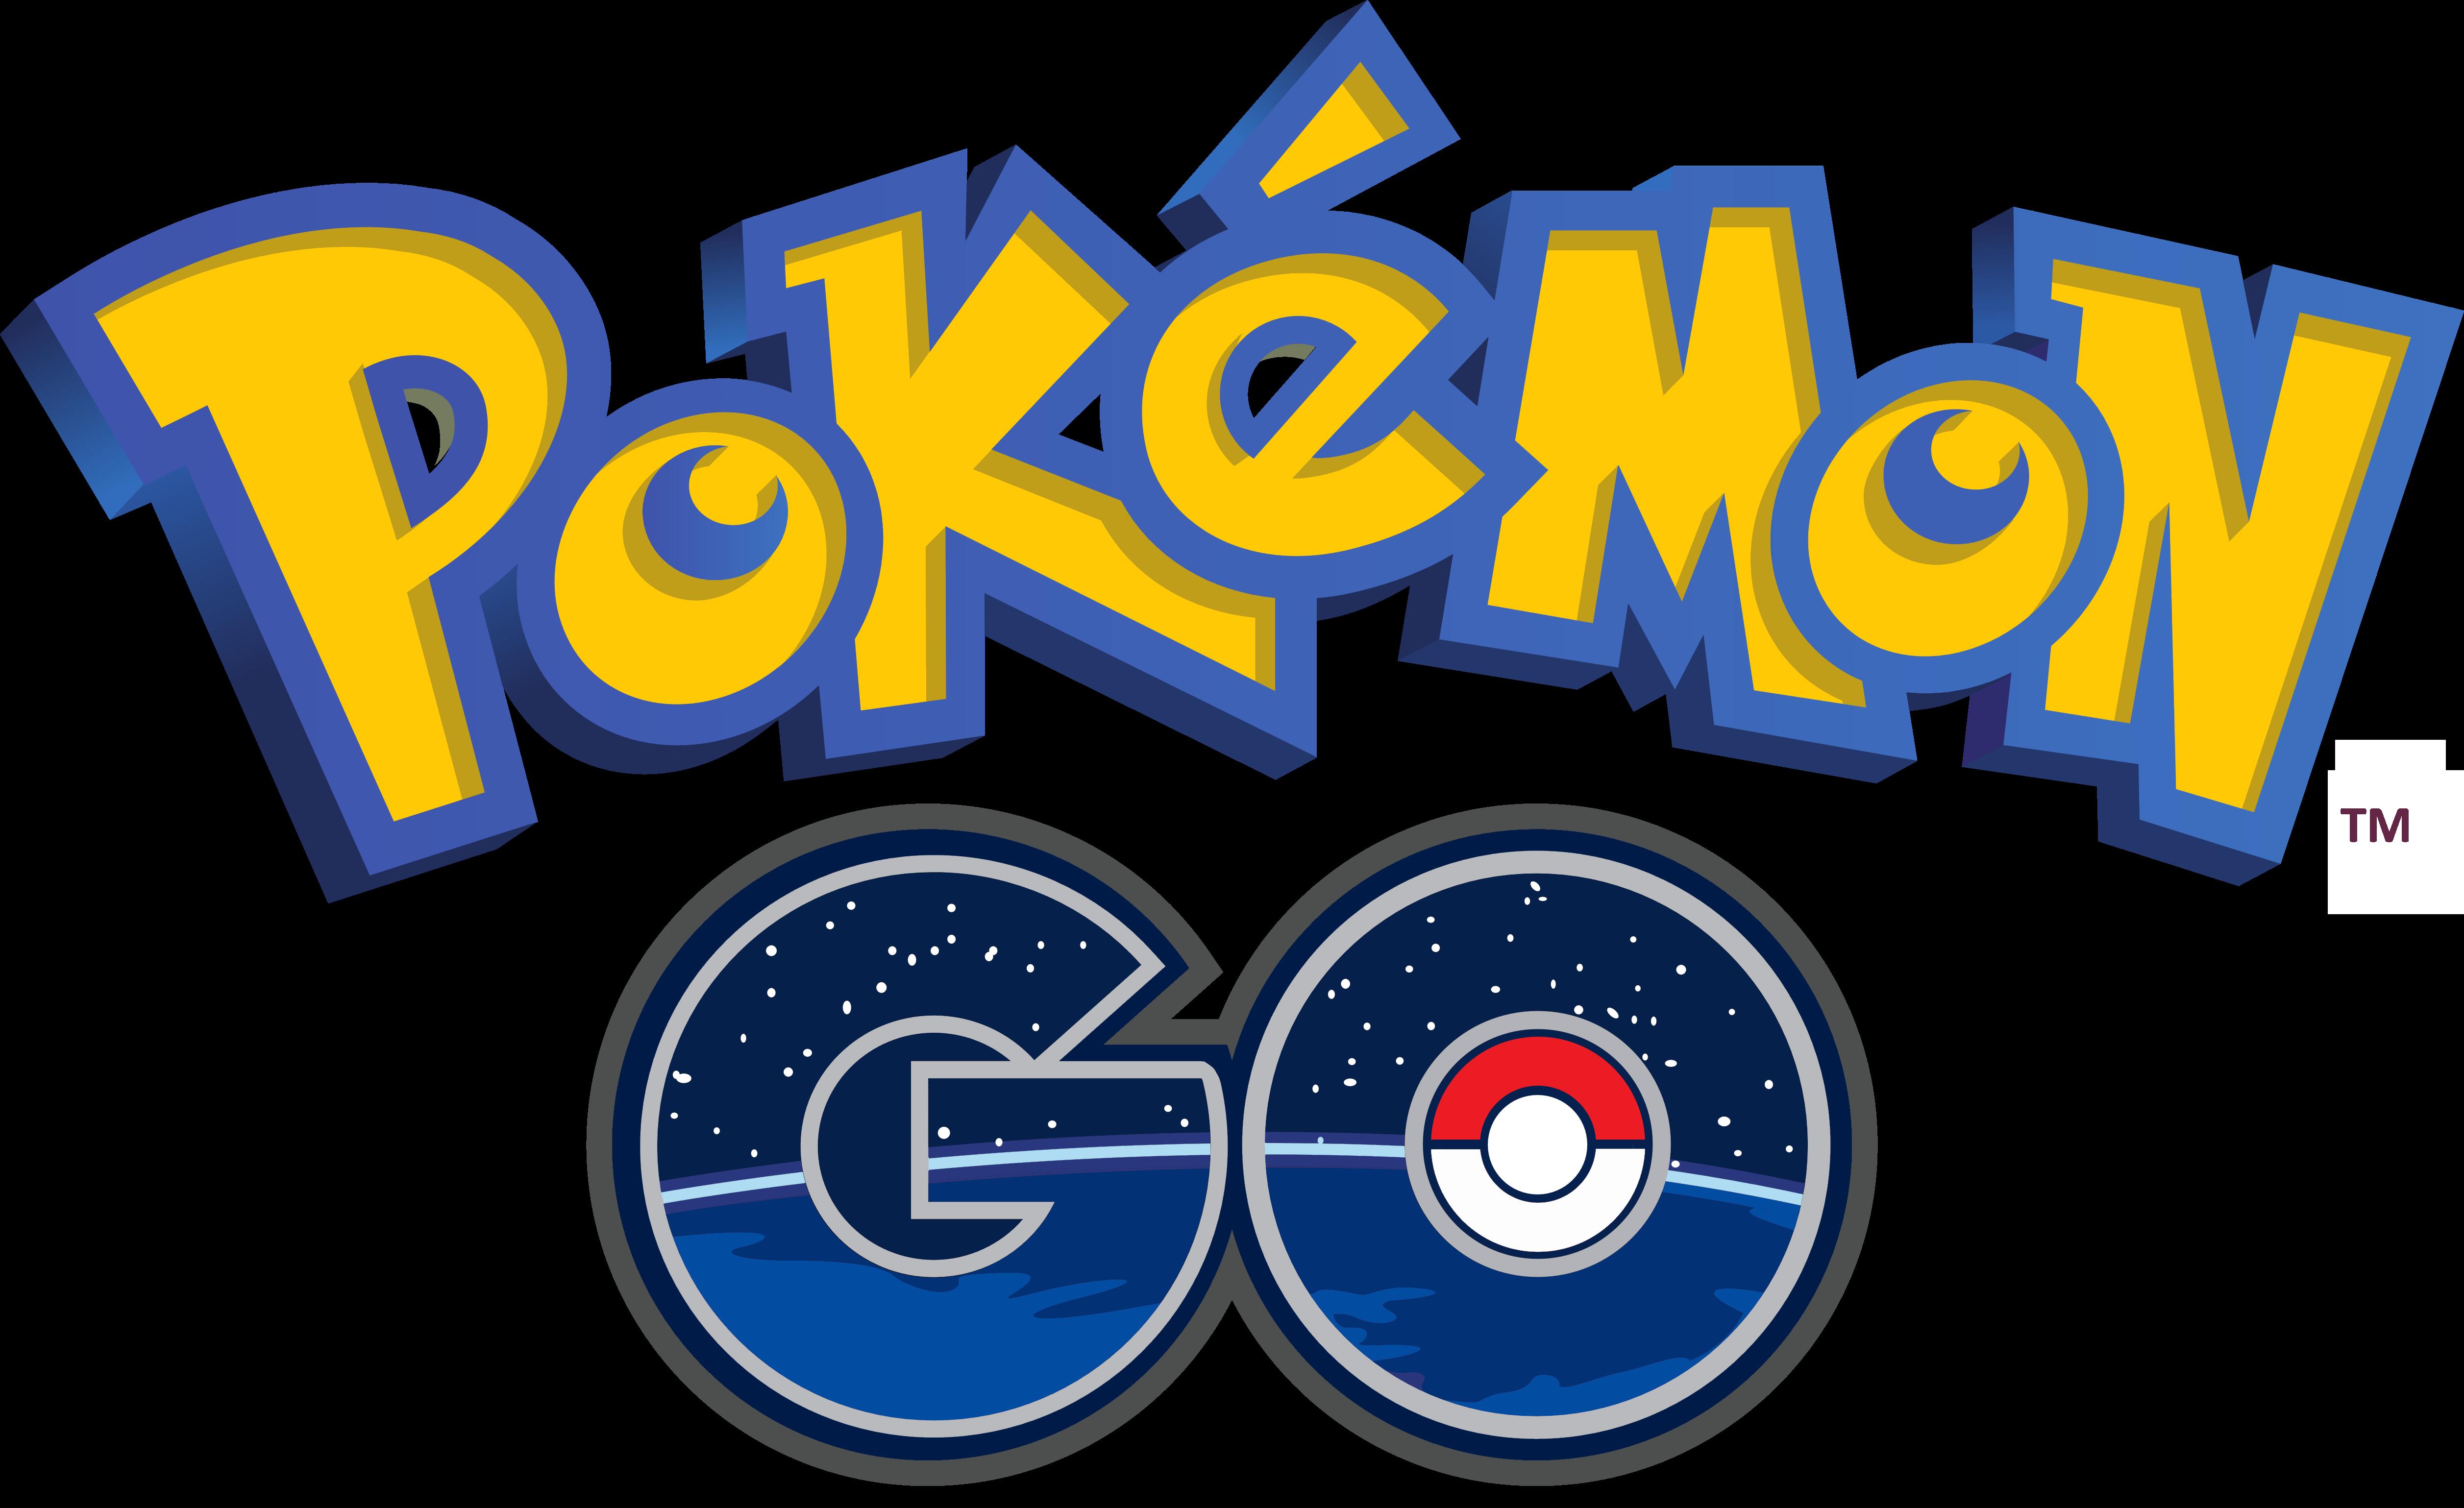 Pokémon Go - Logos Download